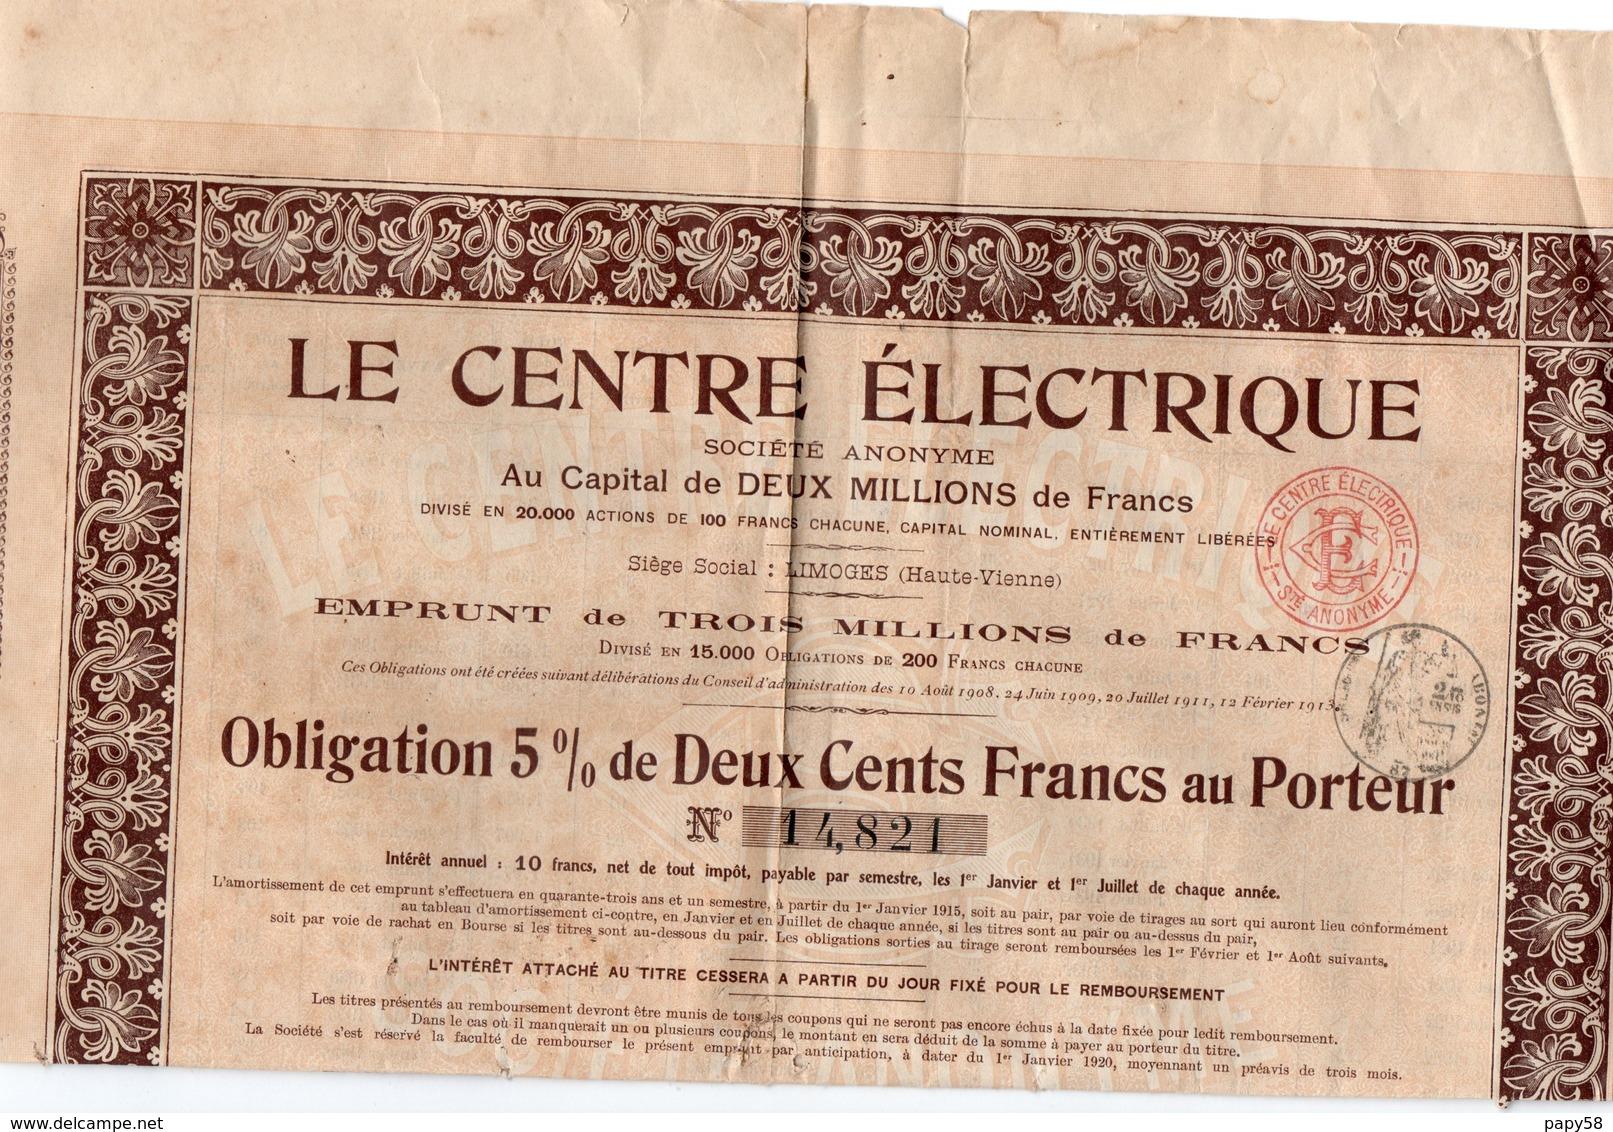 Vieux Papiers > Actions & Titres > Thèmes > Electricité & Gaz Limoges Le Centre Electrique - Electricité & Gaz